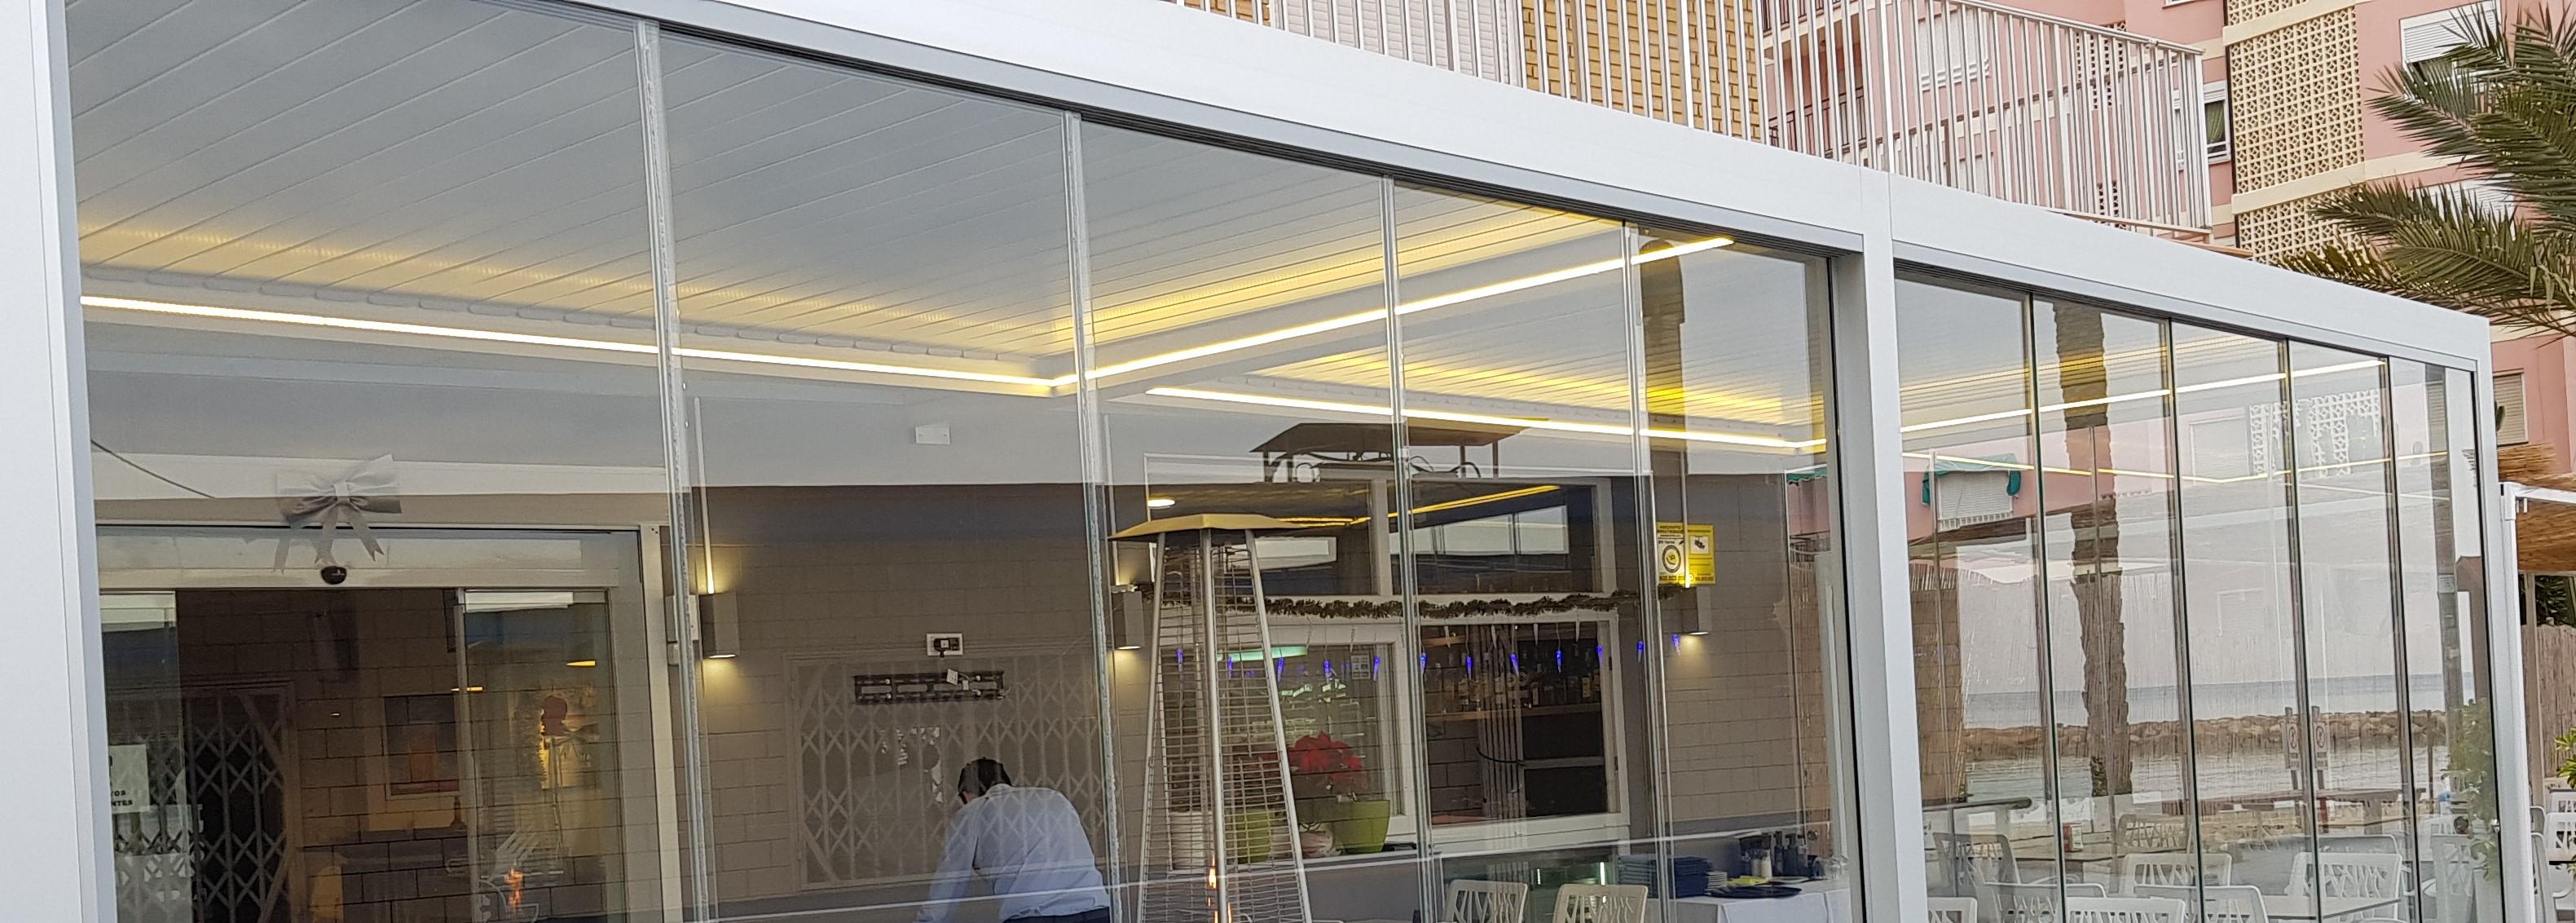 [:es]Cerramiento de terraza para Restaurante en el Paseo Marítimo[:en]Restaurant's terrace enclosure in Paseo Marítimo[:]